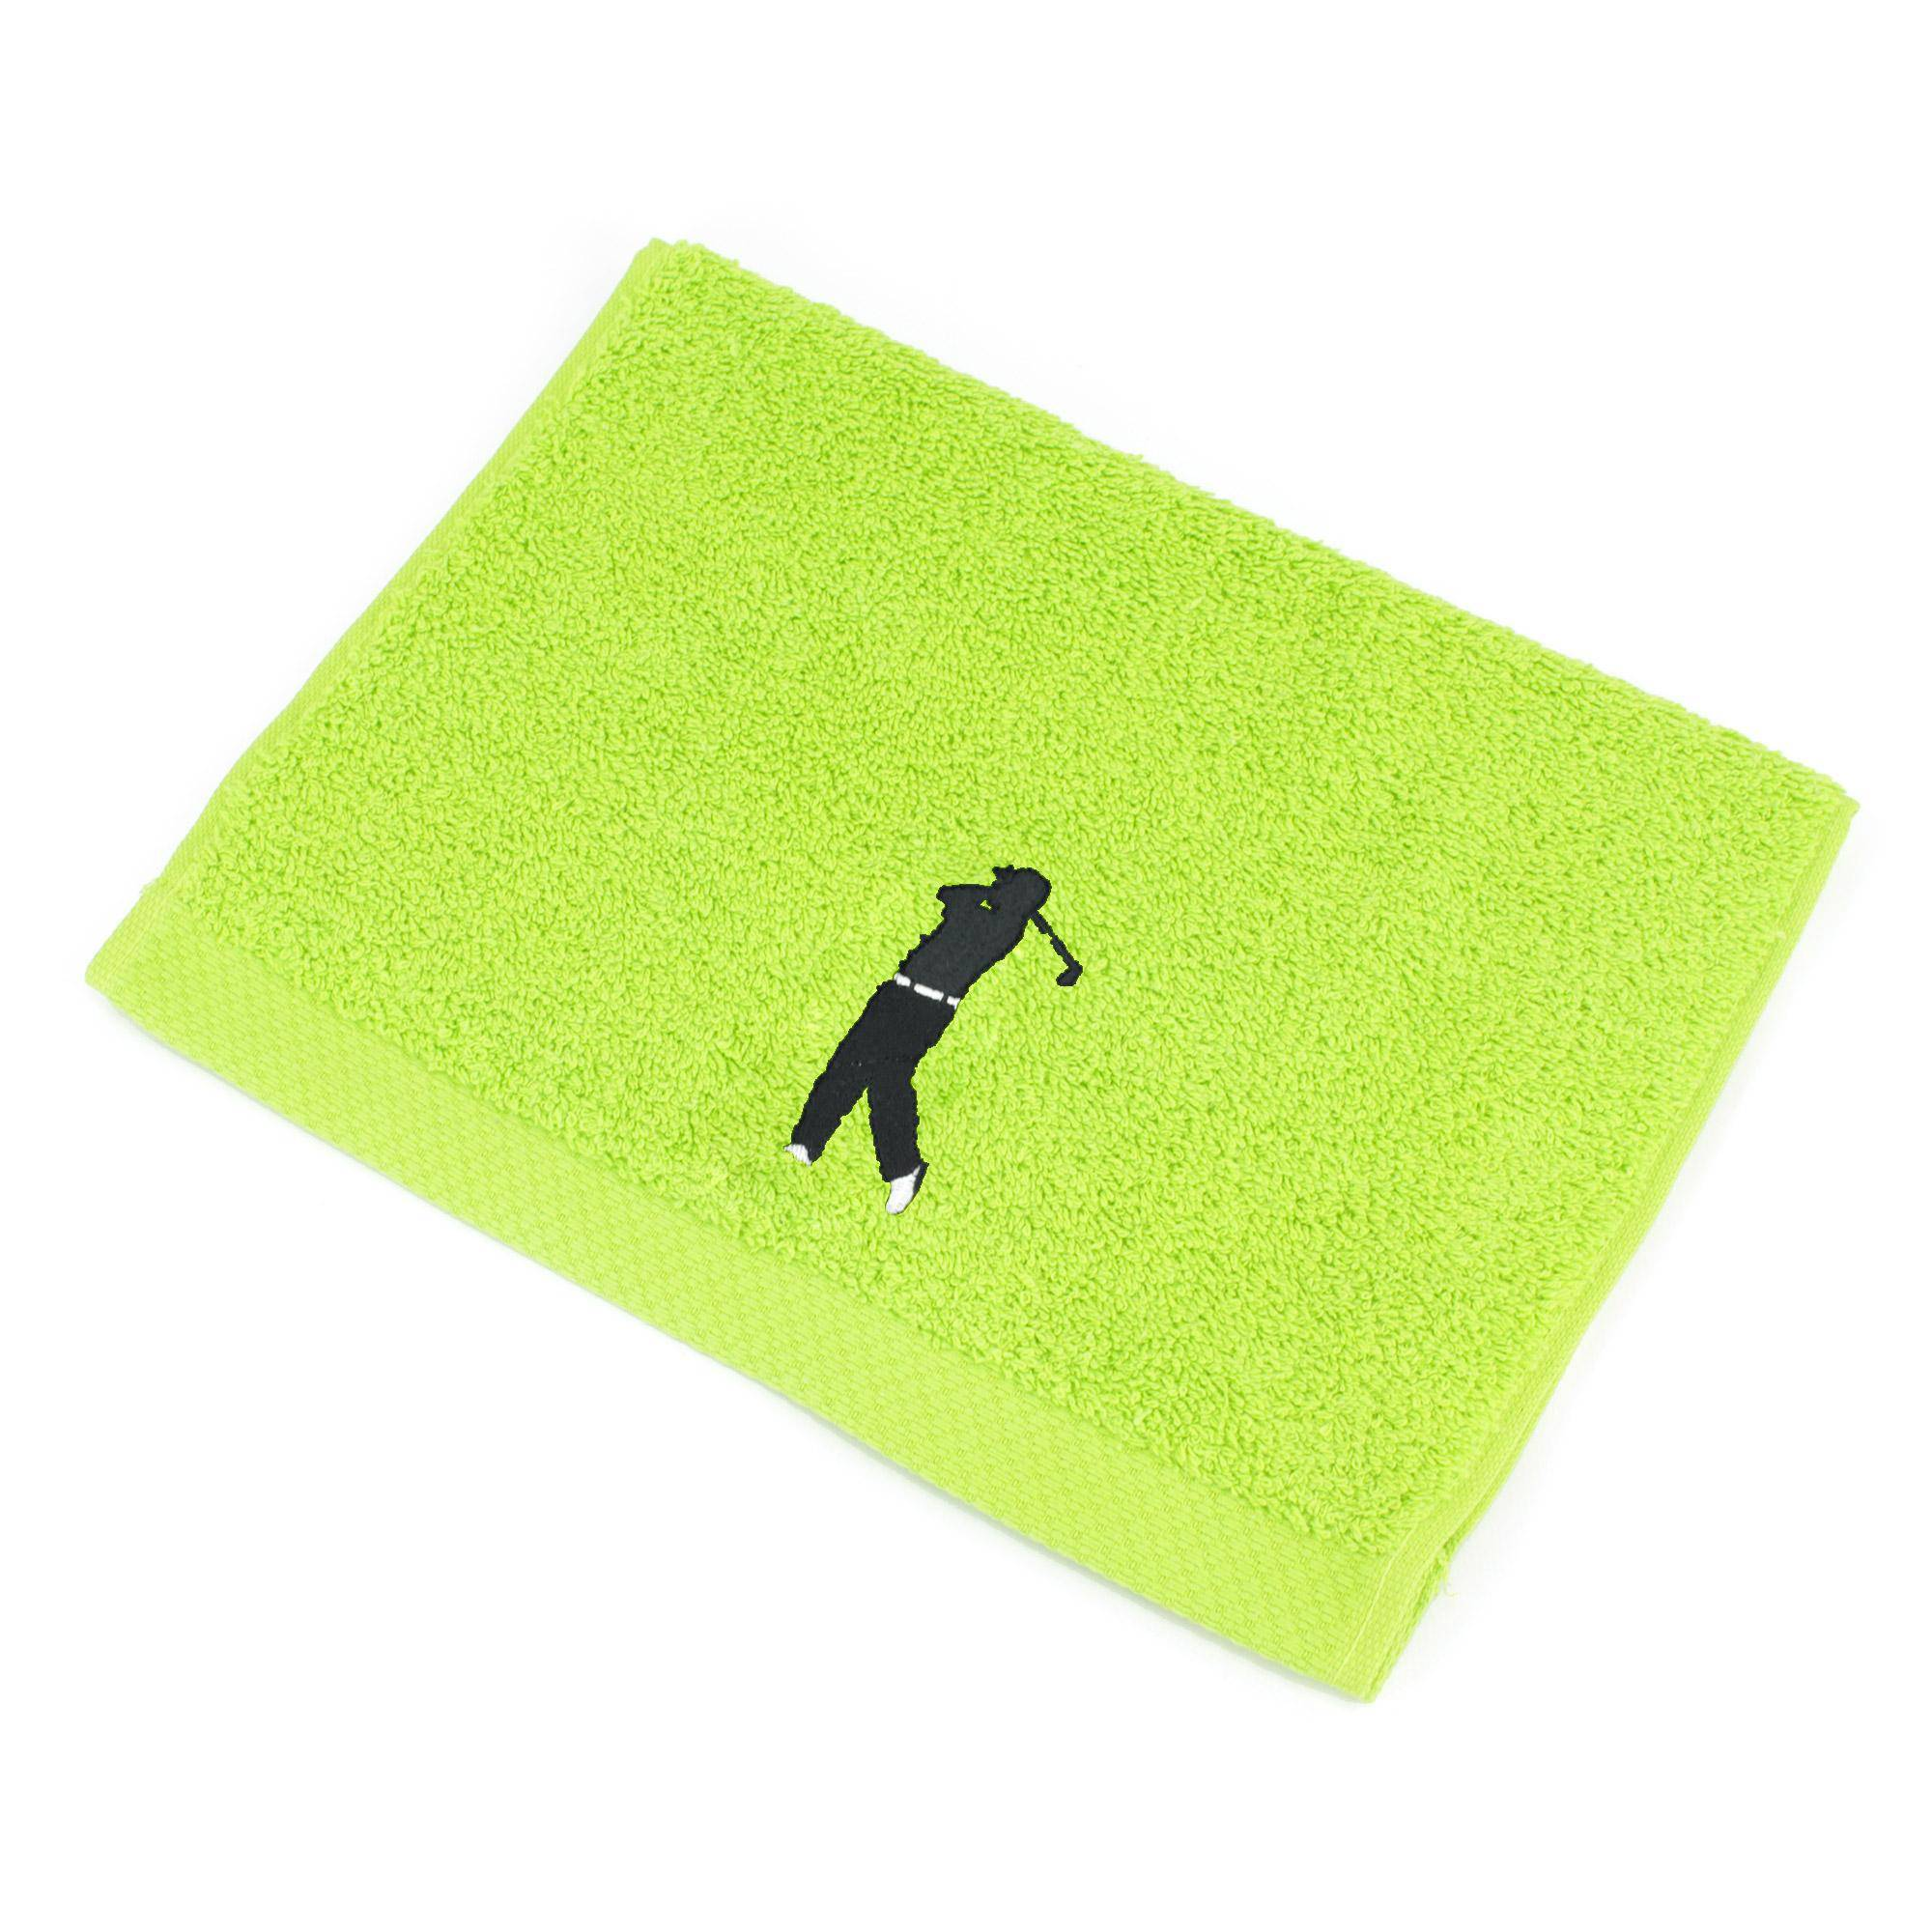 Linnea Serviette invite 33x50 cm 100% coton 550 g/m2 PURE GOLF Vert Pistache